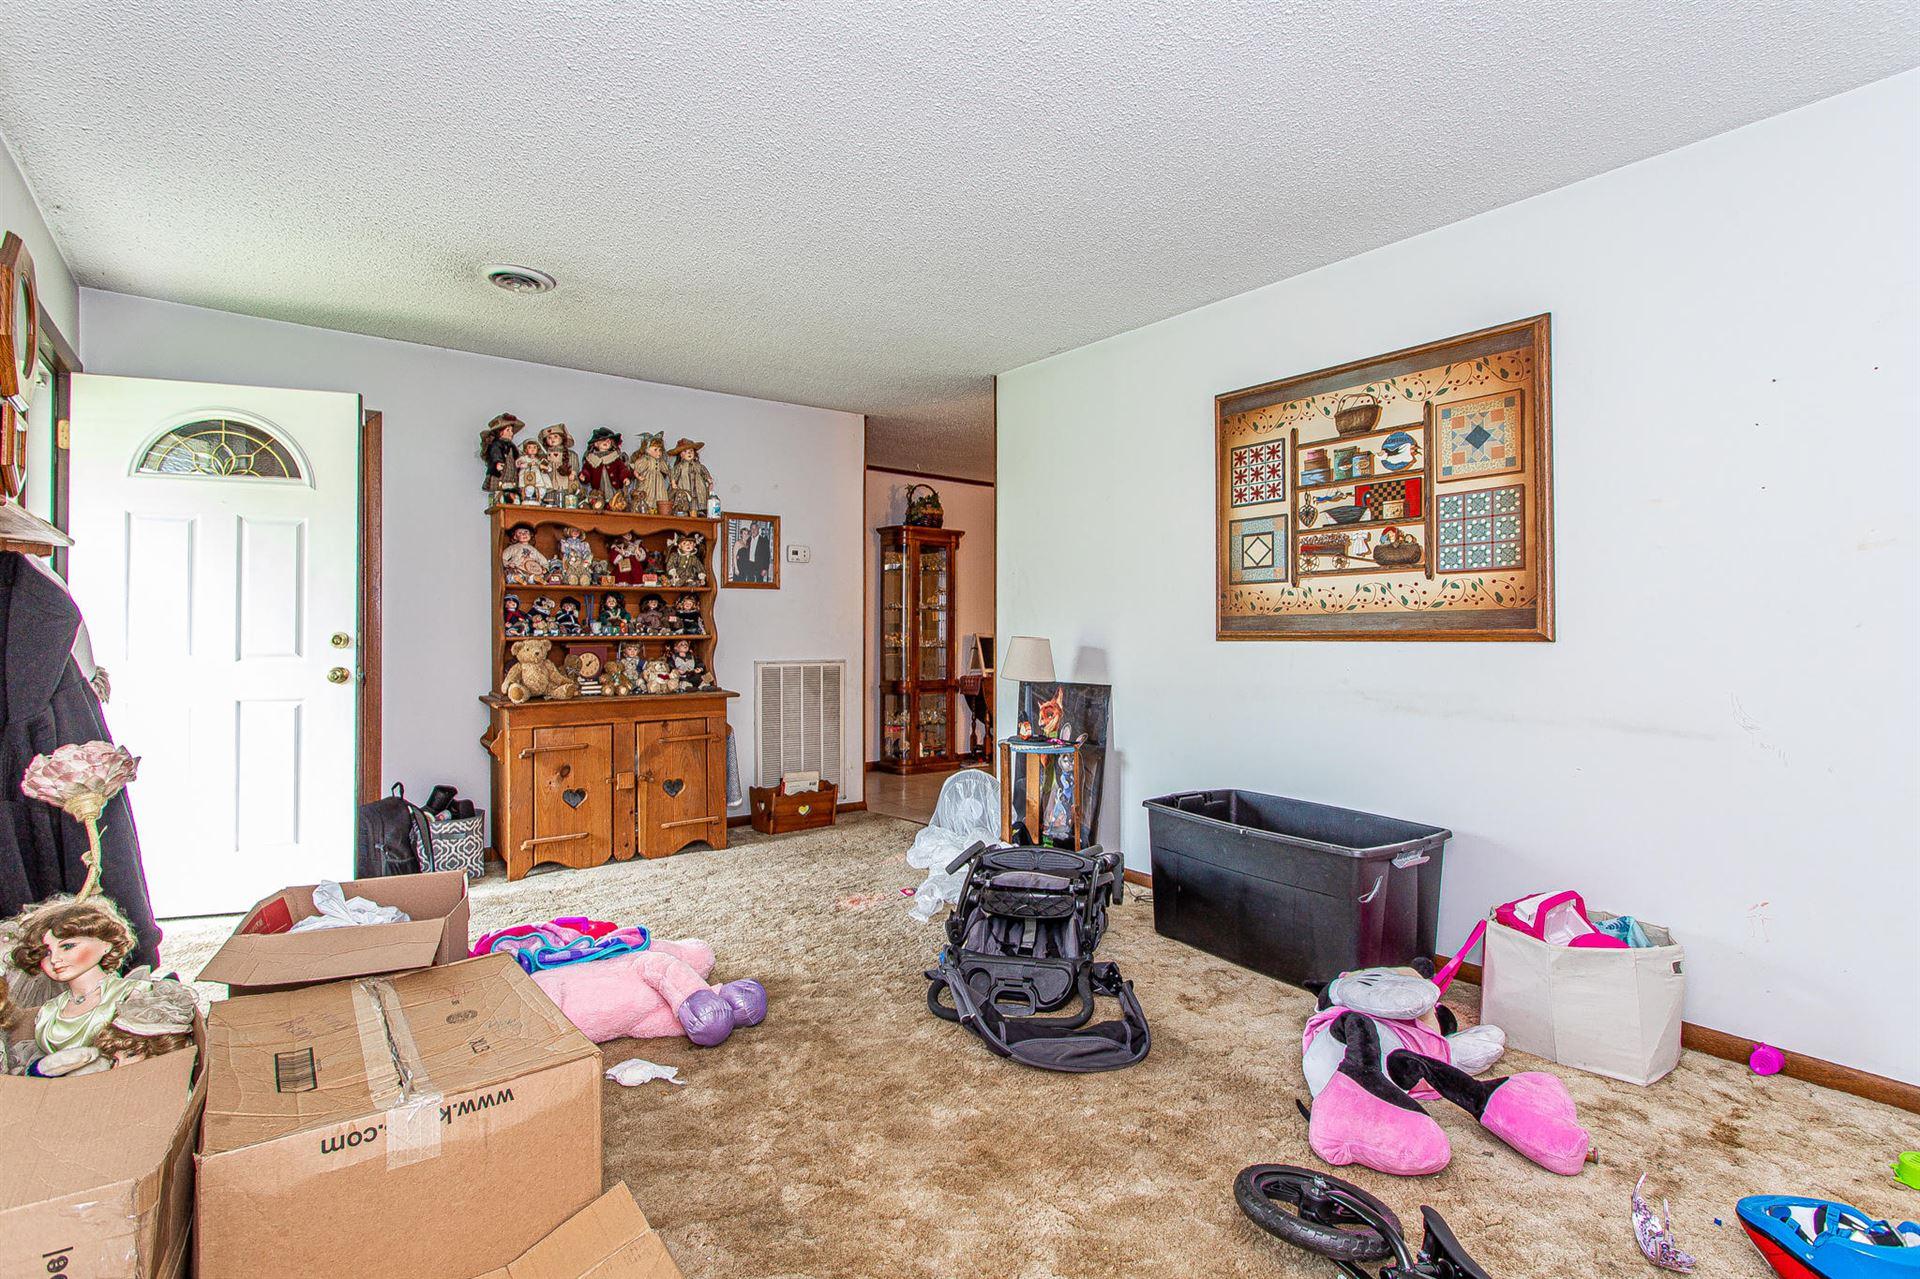 Photo of 104 W Lincoln Rd, Oak Ridge, TN 37830 (MLS # 1147280)